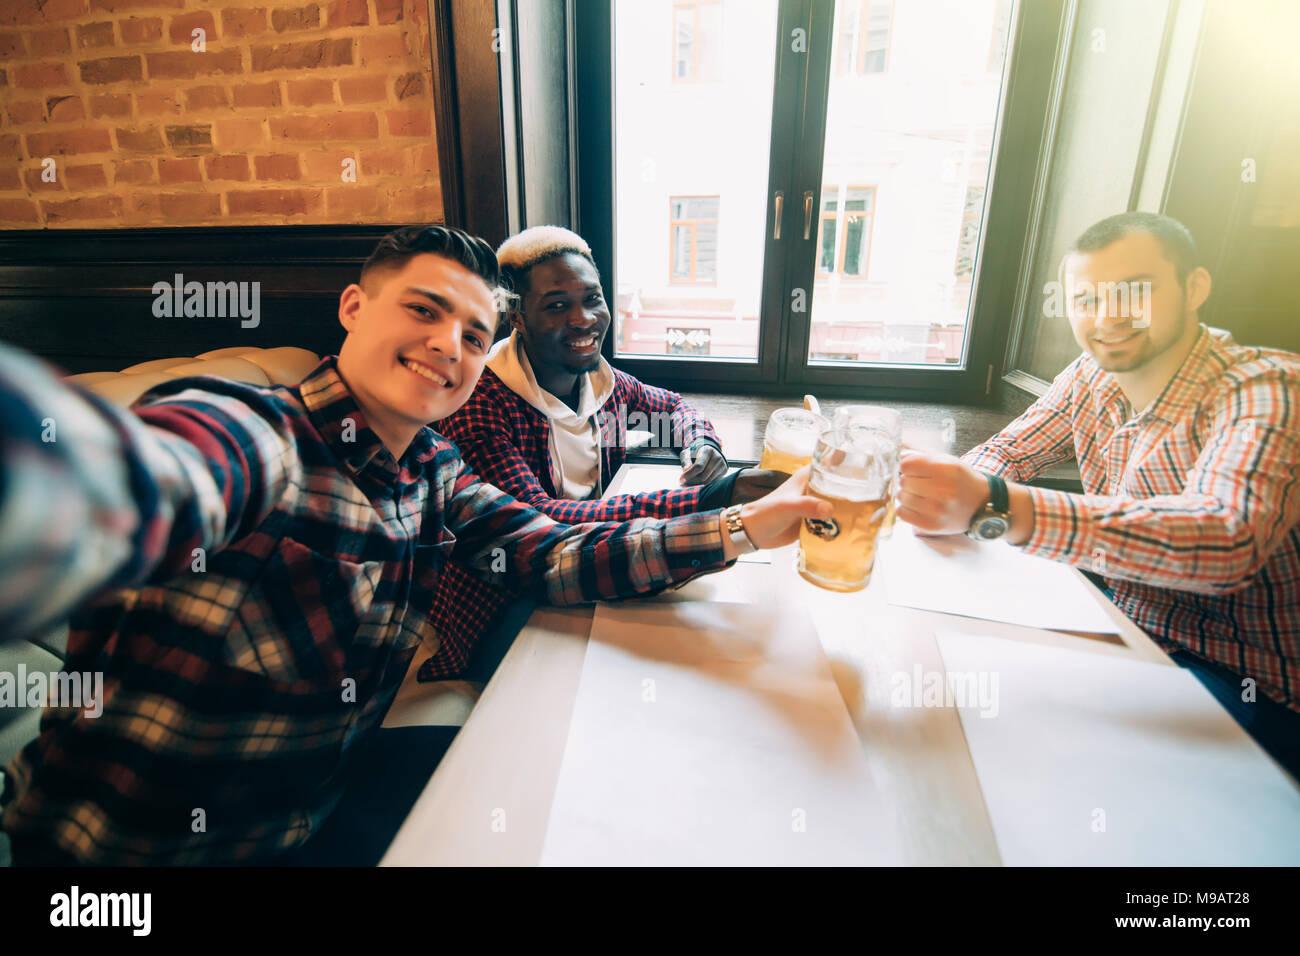 Menschen, Freizeit, Freundschaft, Technologie und Bachelor Party Konzept - glückliche männliche Freunde unter selfie und trinken Bier an der Bar oder pub Stockbild